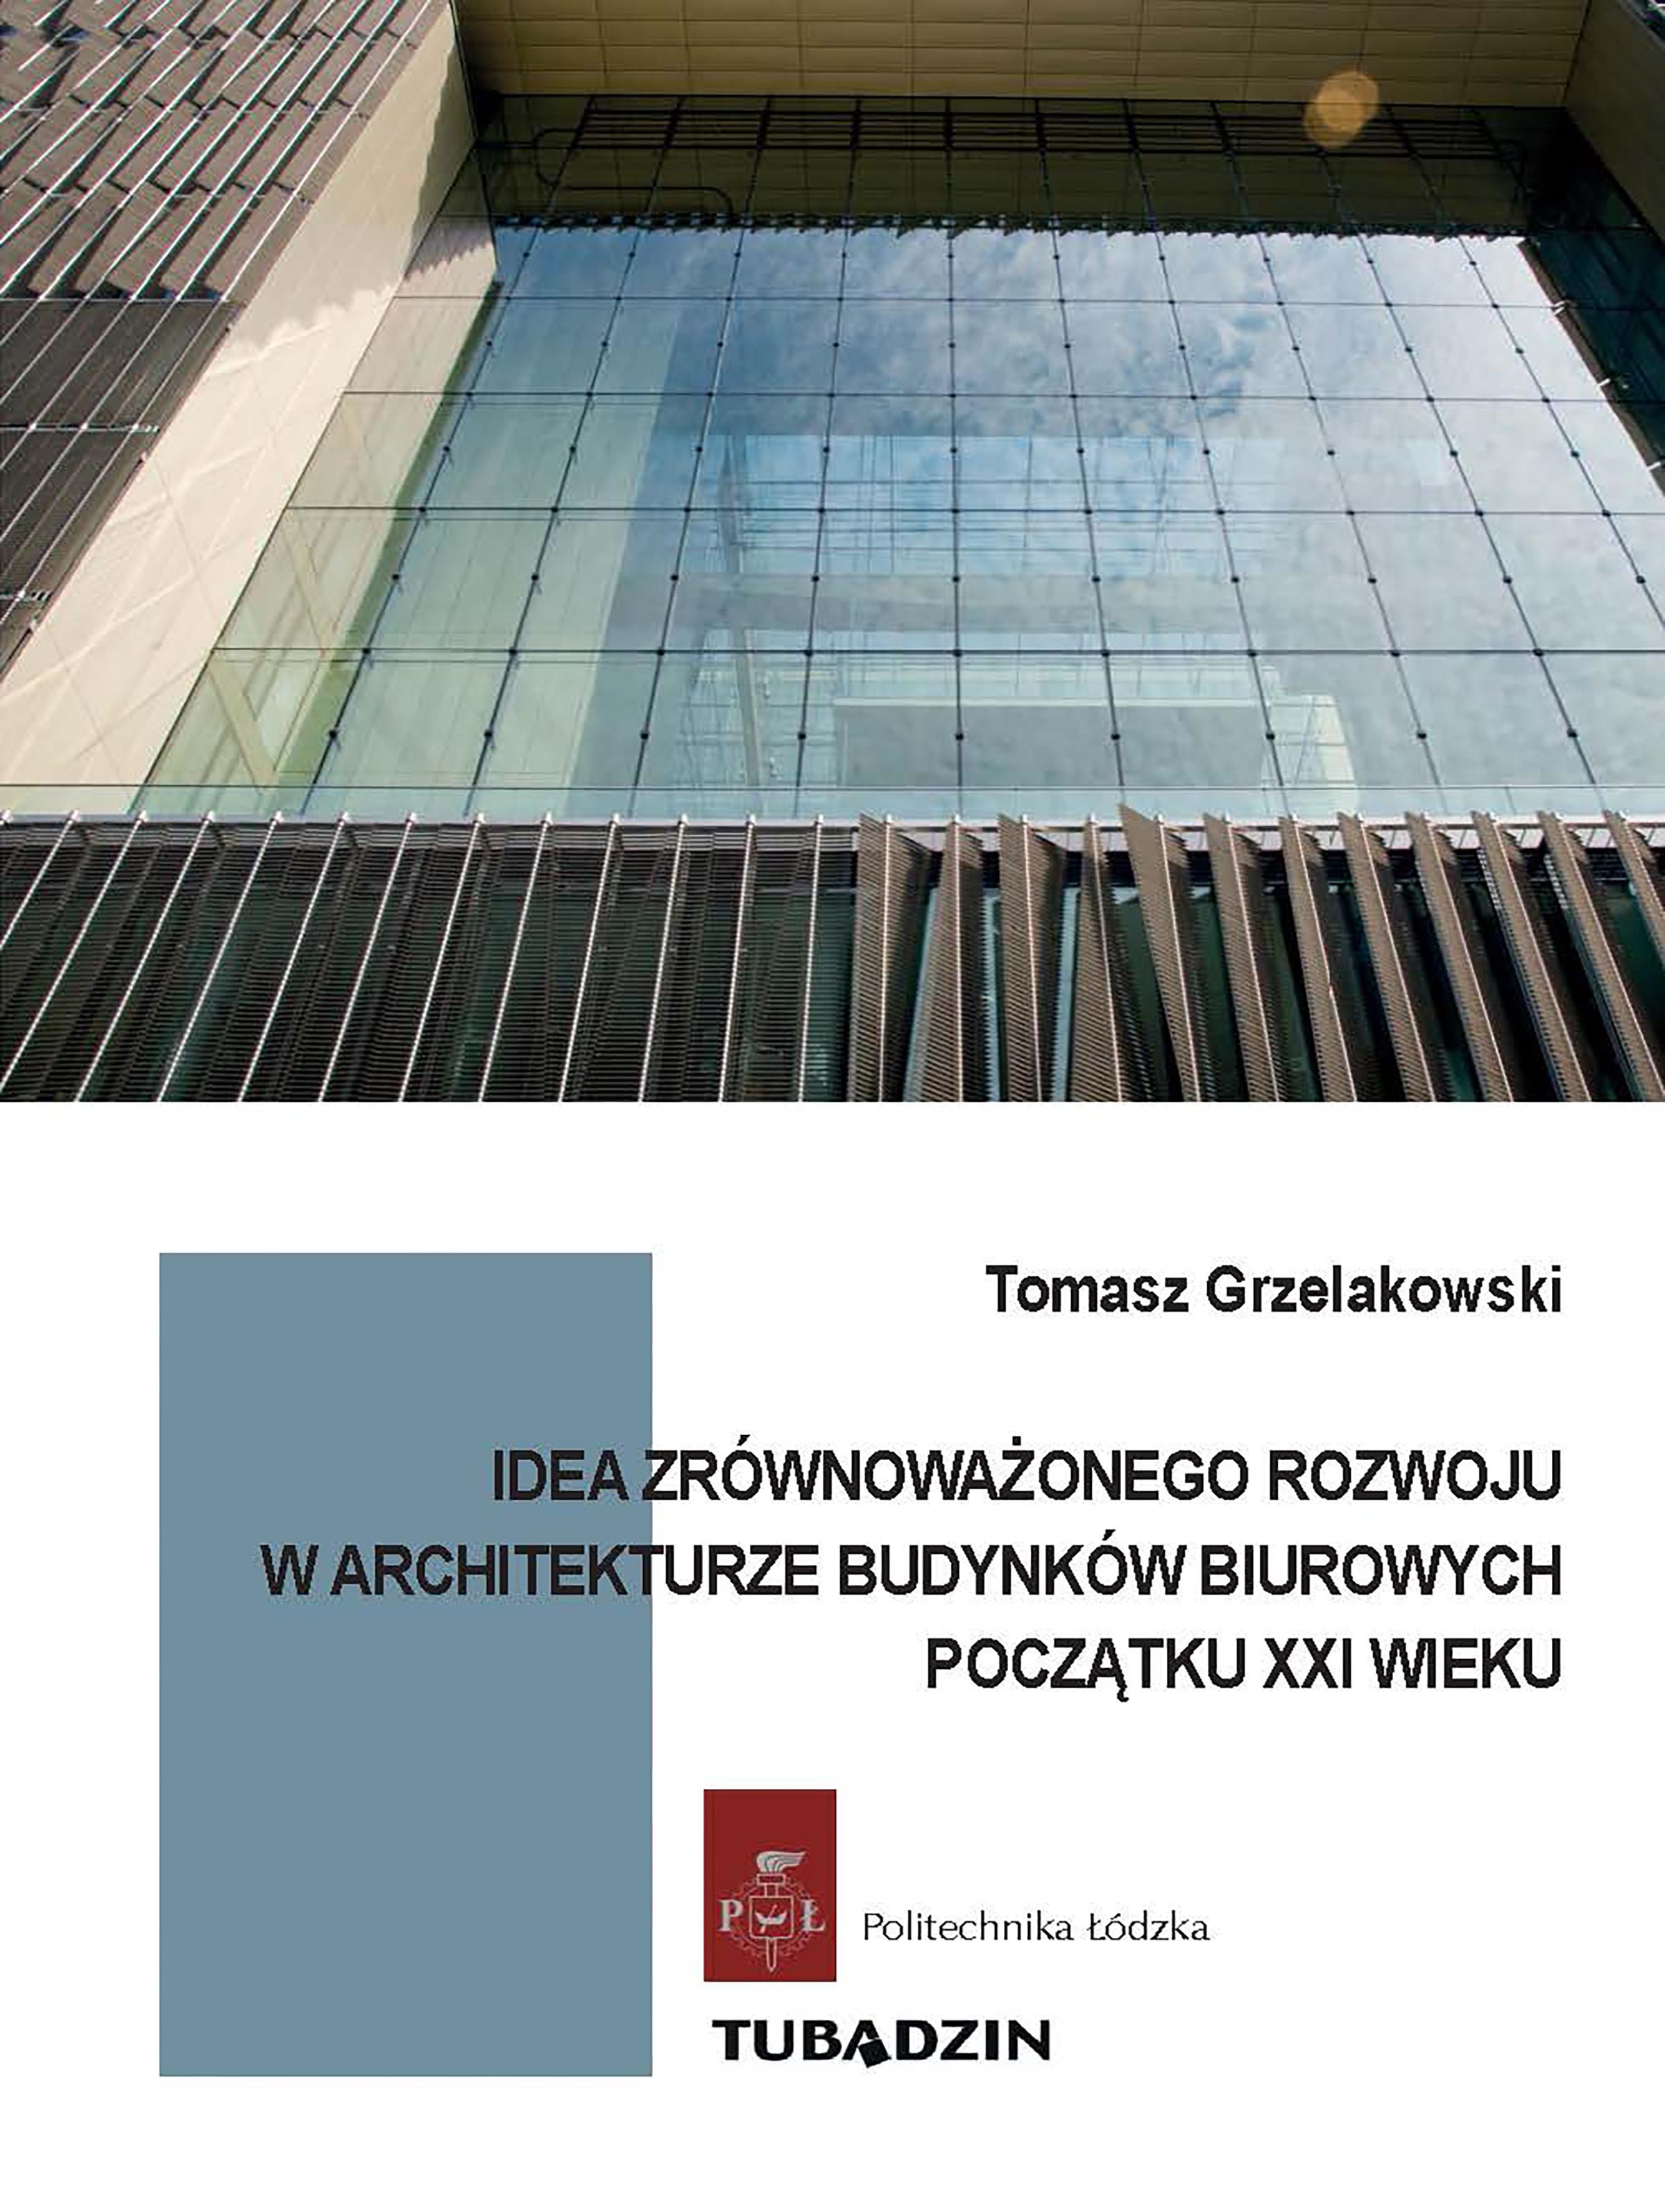 Idea zrównoważonego rozwoju w architekturze budynków biurowych początku XXI wieku